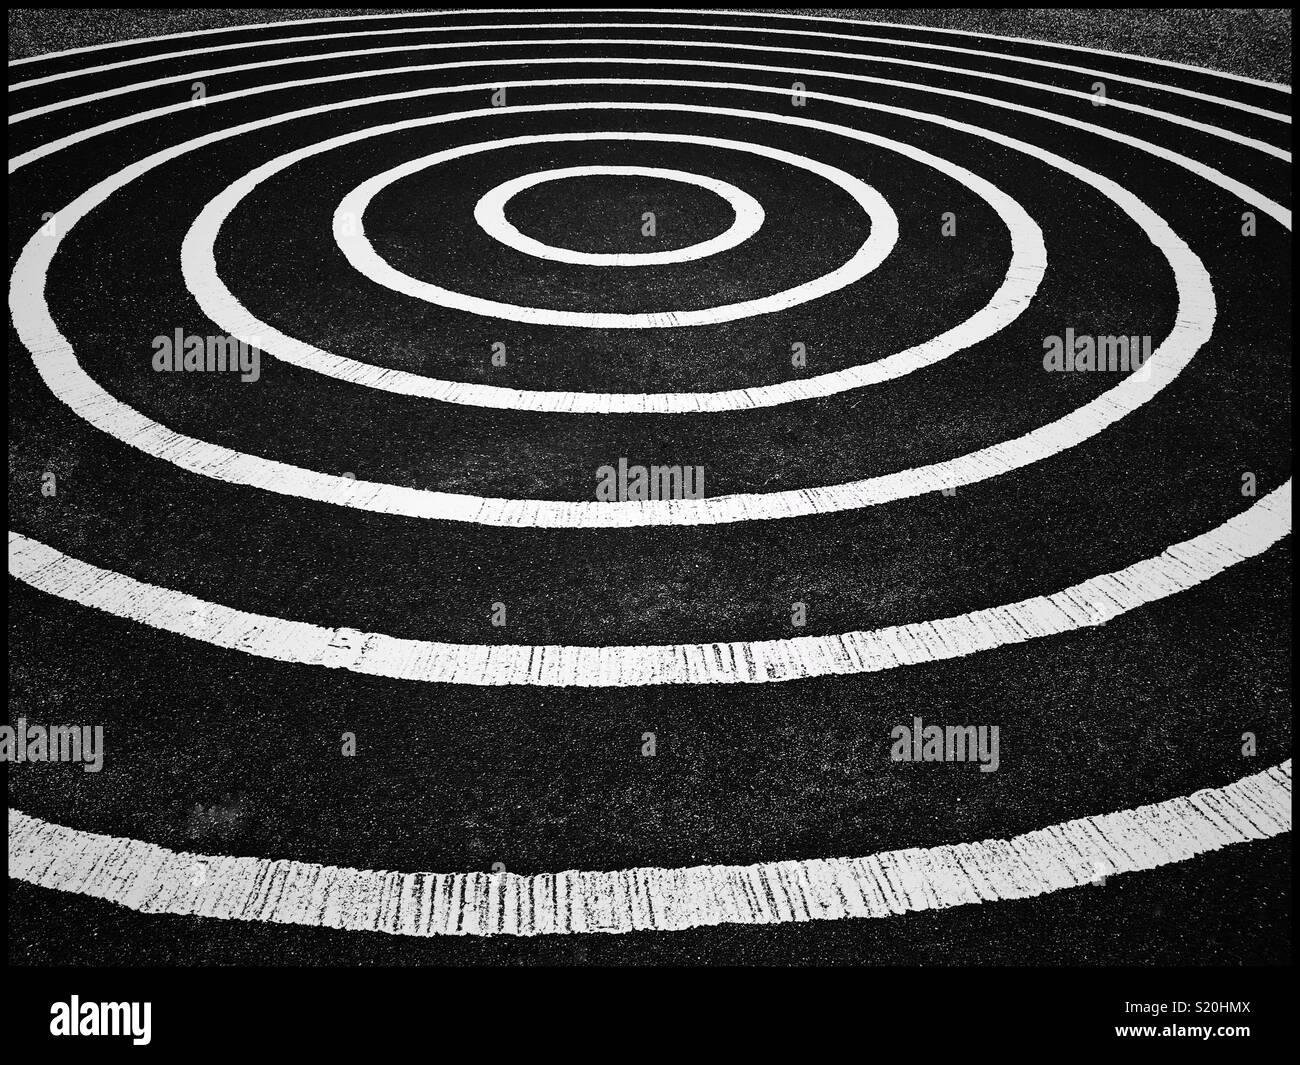 White cerchi concentrici formano un interessante pattern. Mantenere guardando questa foto e potrai andare in circoli viziosi. Credito foto - © COLIN HOSKINS. Immagini Stock